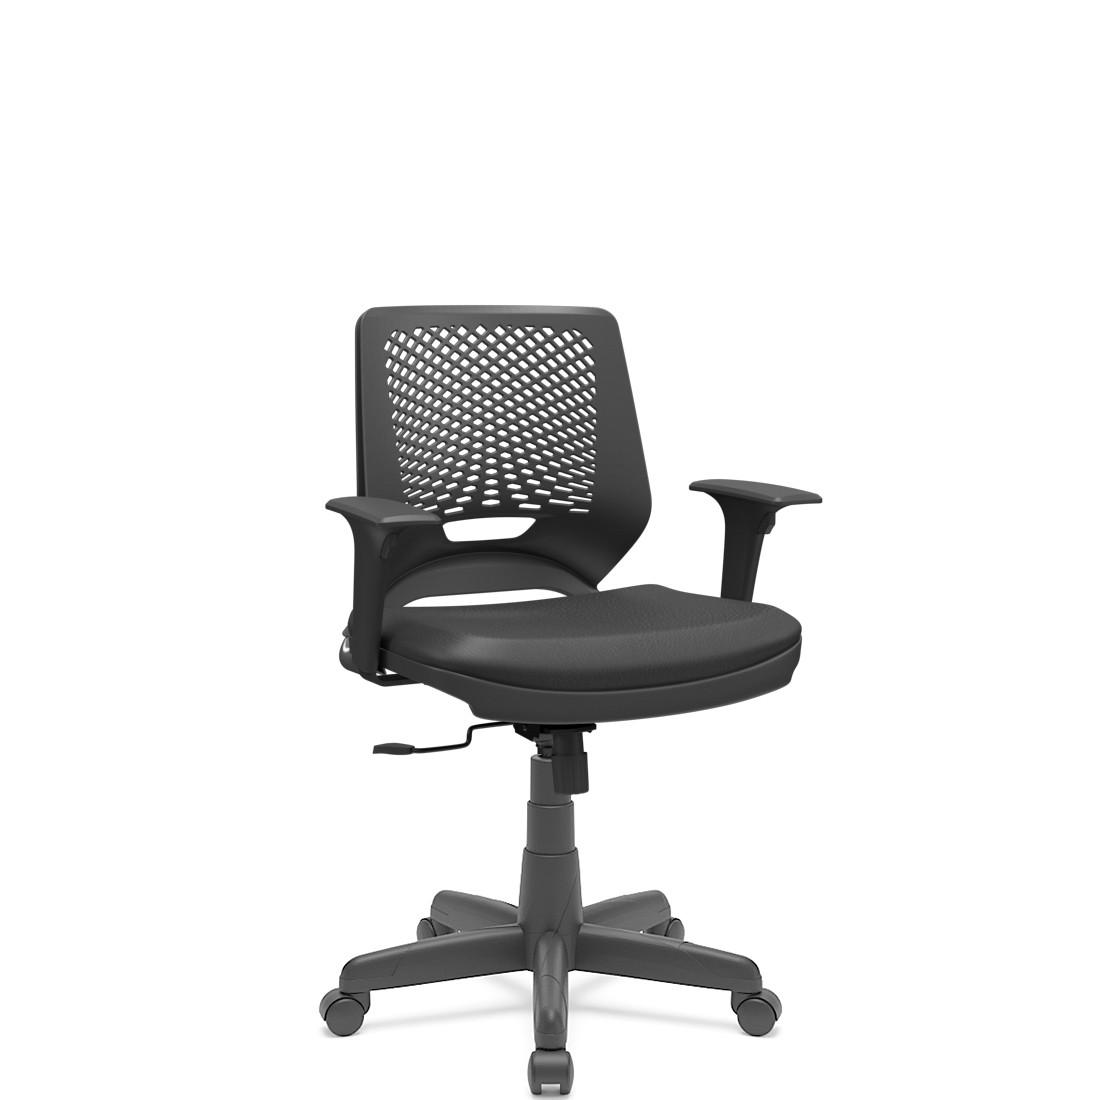 Cadeira Giratória Beezi estrutura preta base Standard com braço regulável Plaxmetal